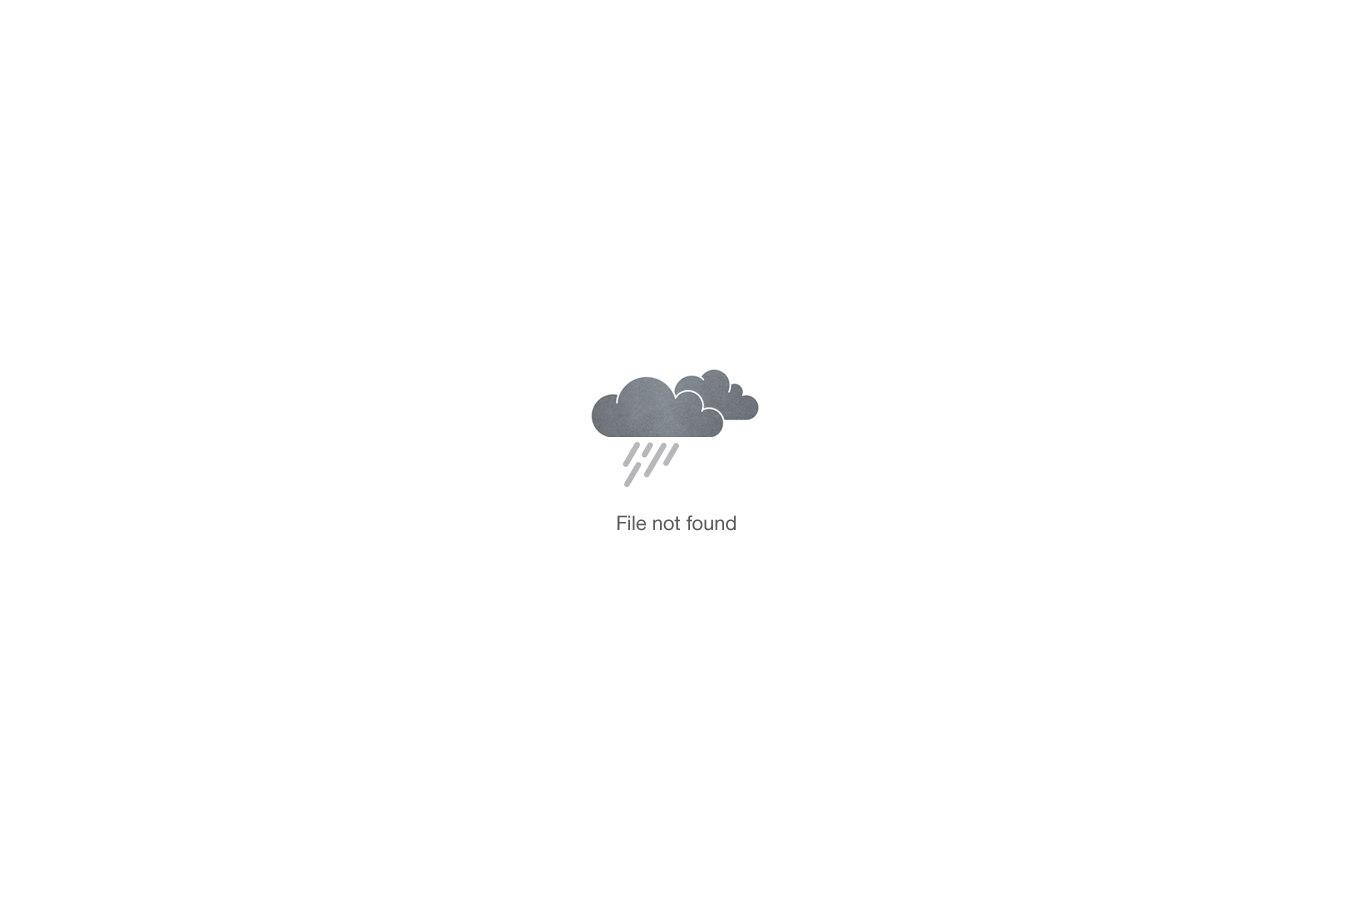 Lou-BROULEAU-Tennis-Sponsorise-me-image-3